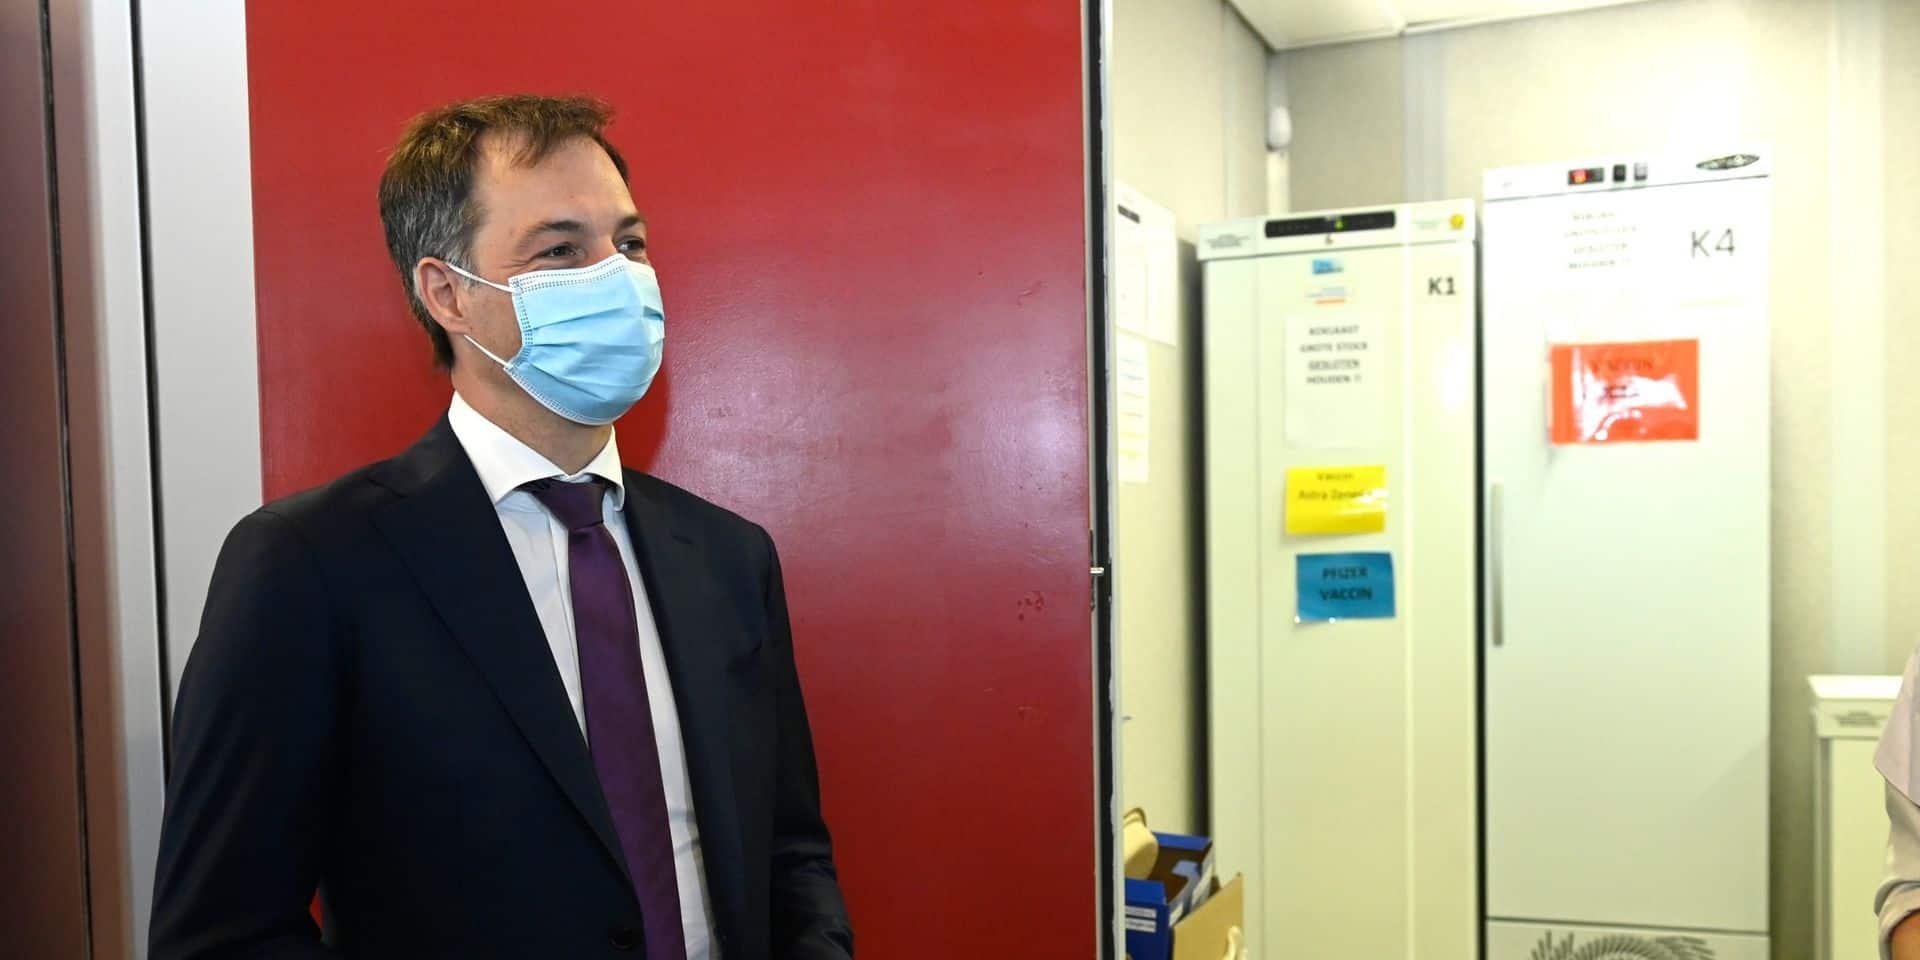 """Alexander De Croo sur le coronapass: """"Il n'y aura pas d'assouplissements supplémentaires pour les personnes vaccinées"""""""